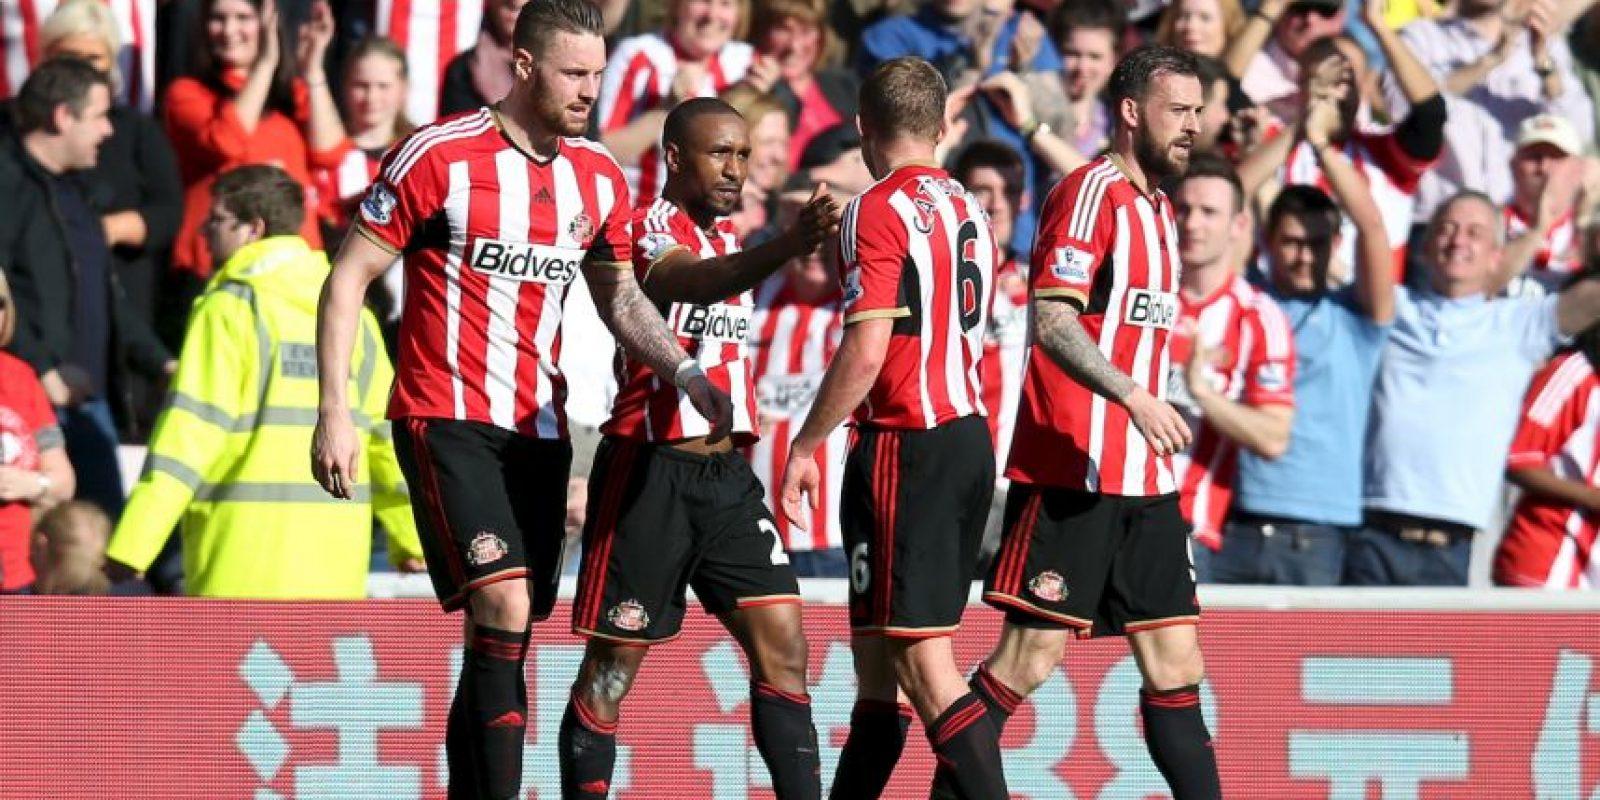 Ha militado también en equipos como West Ham, Tottenham, Portsmouth y Bournermouth. Foto:AFP